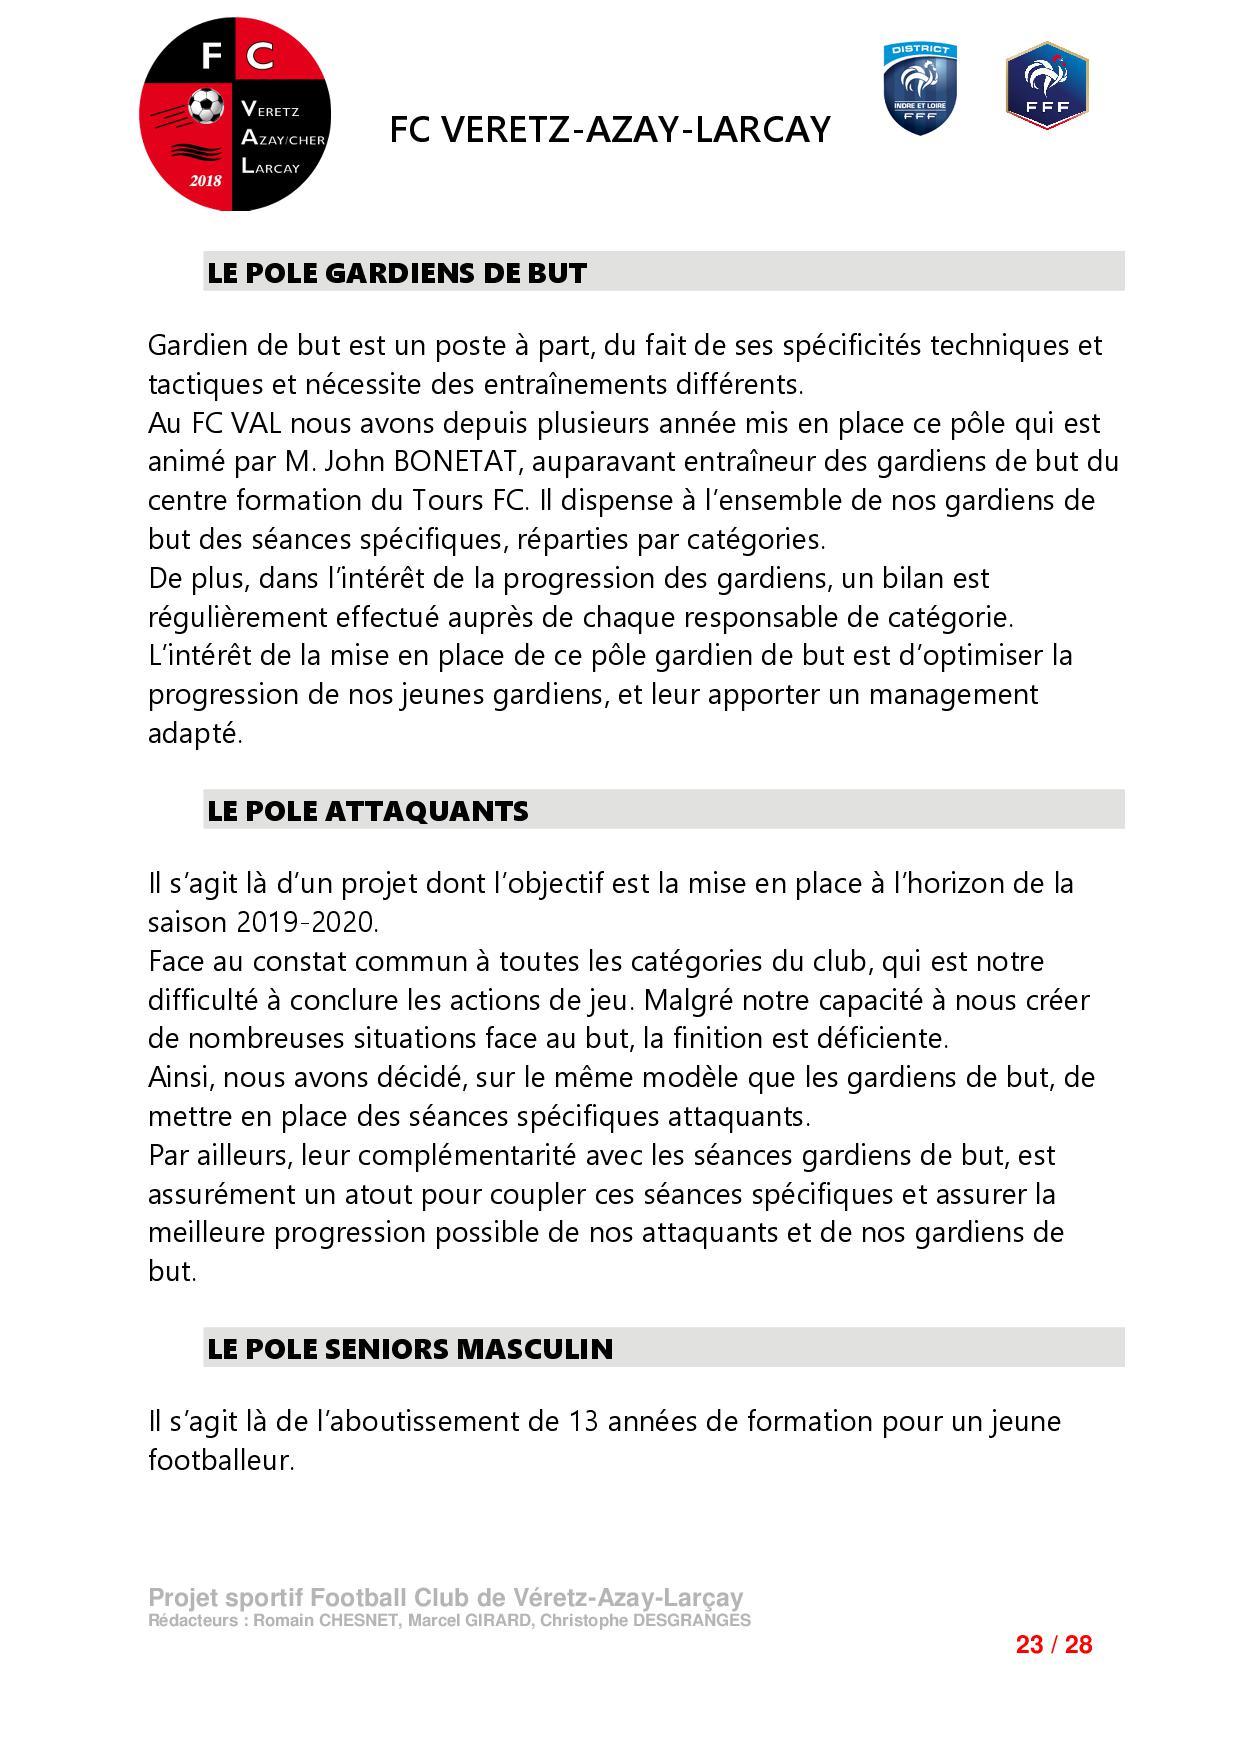 projet_sportif_2017-202023.jpg